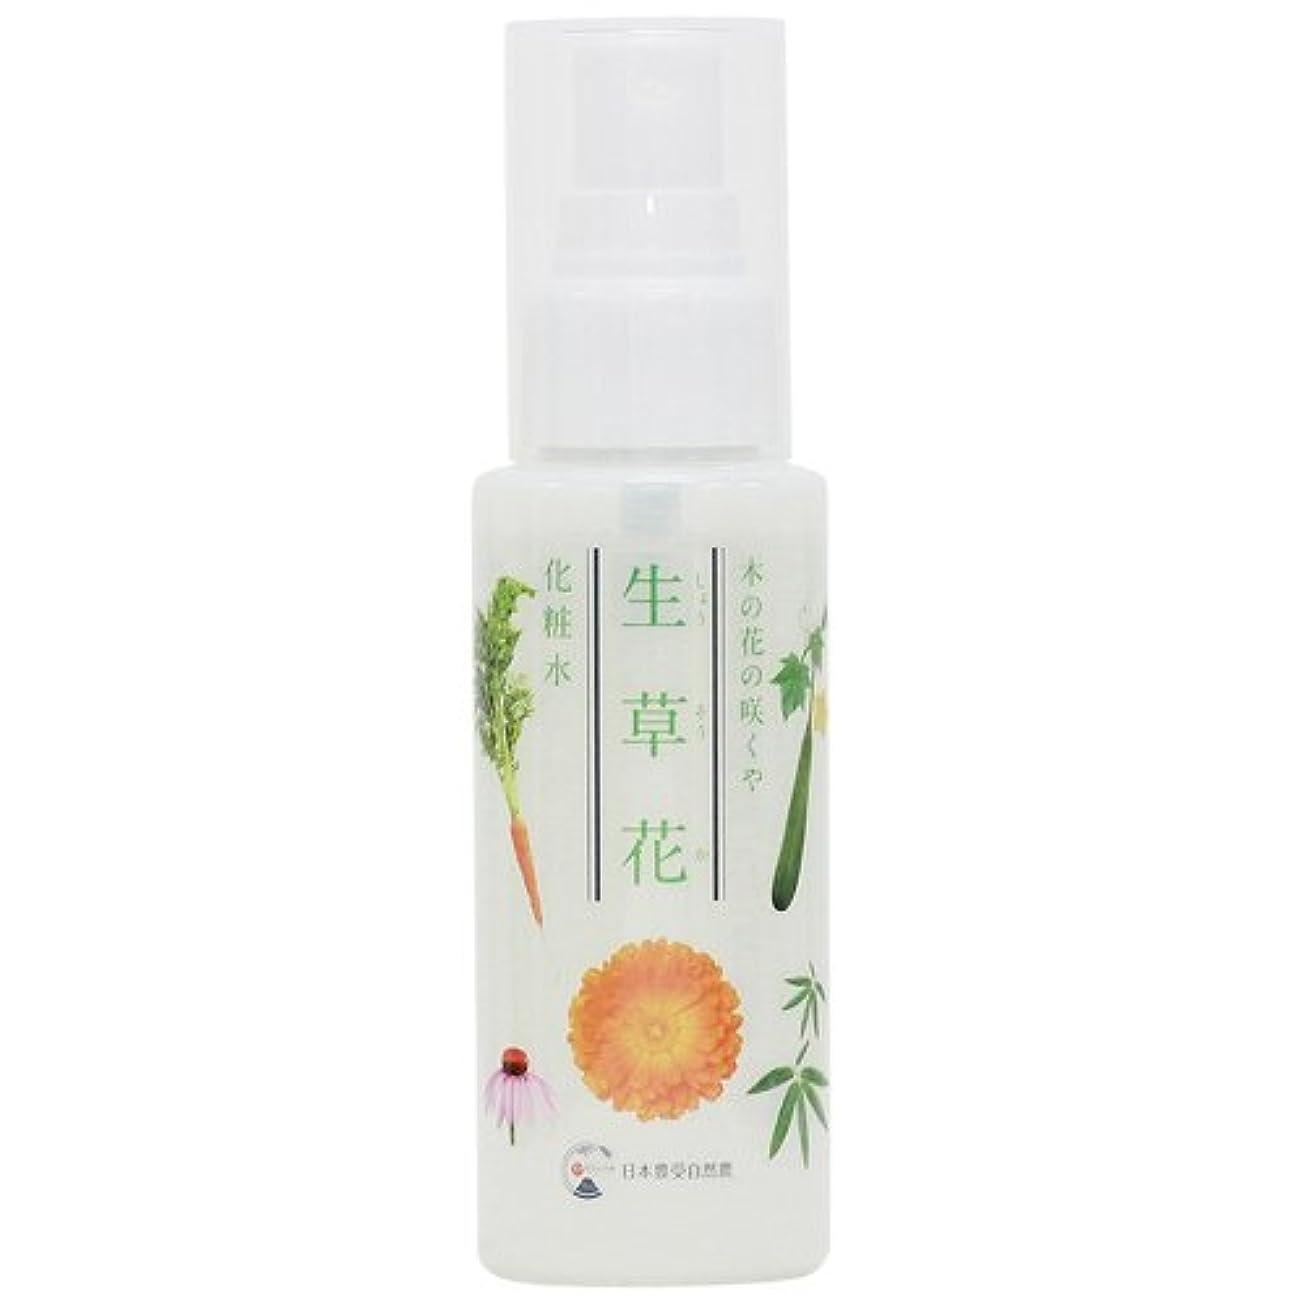 世界に死んだ著名な謝る日本豊受自然農 木の花の咲くや 生草花 化粧水 80ml